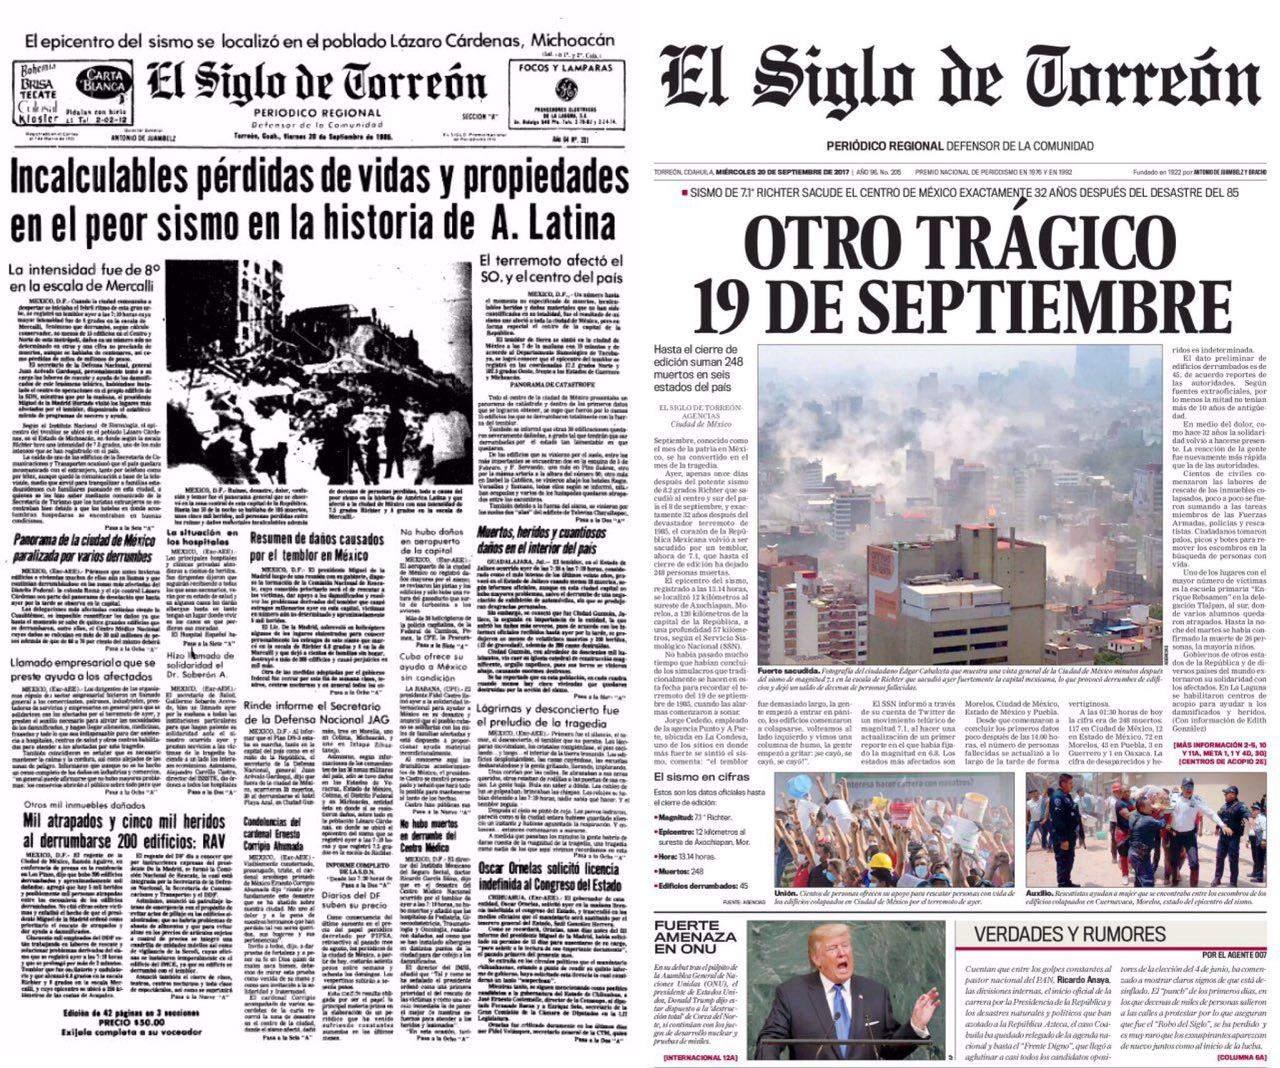 Otro trágico 19 de septiembre